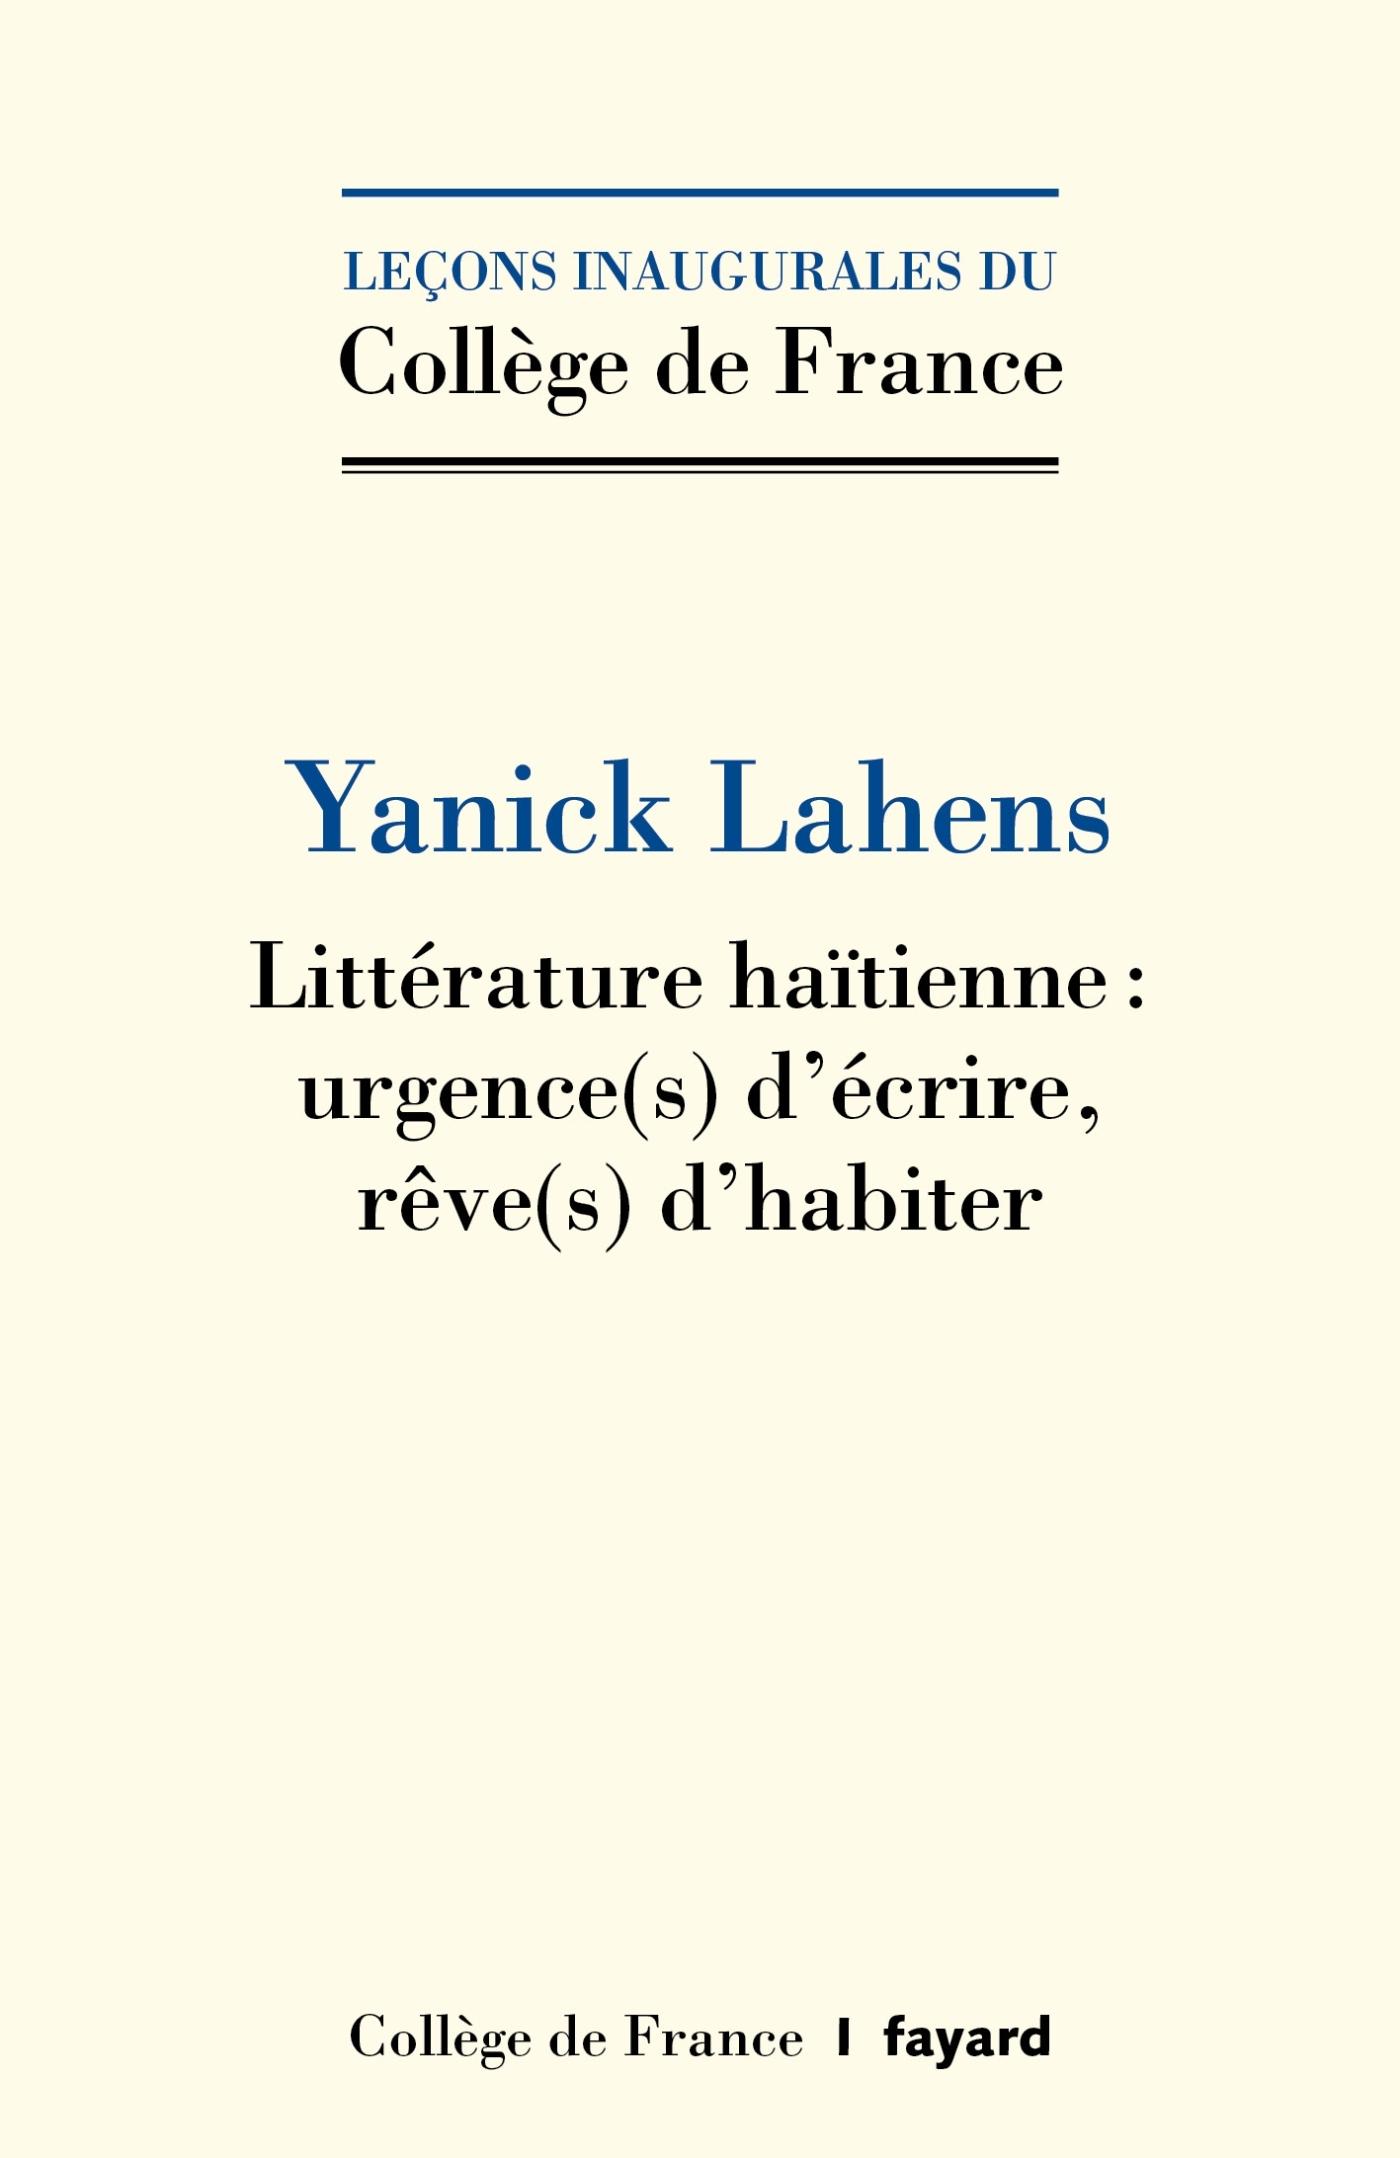 LITTERATURE HAITIENNE - URGENCES D'ECRIRE, REVES D'HABITER